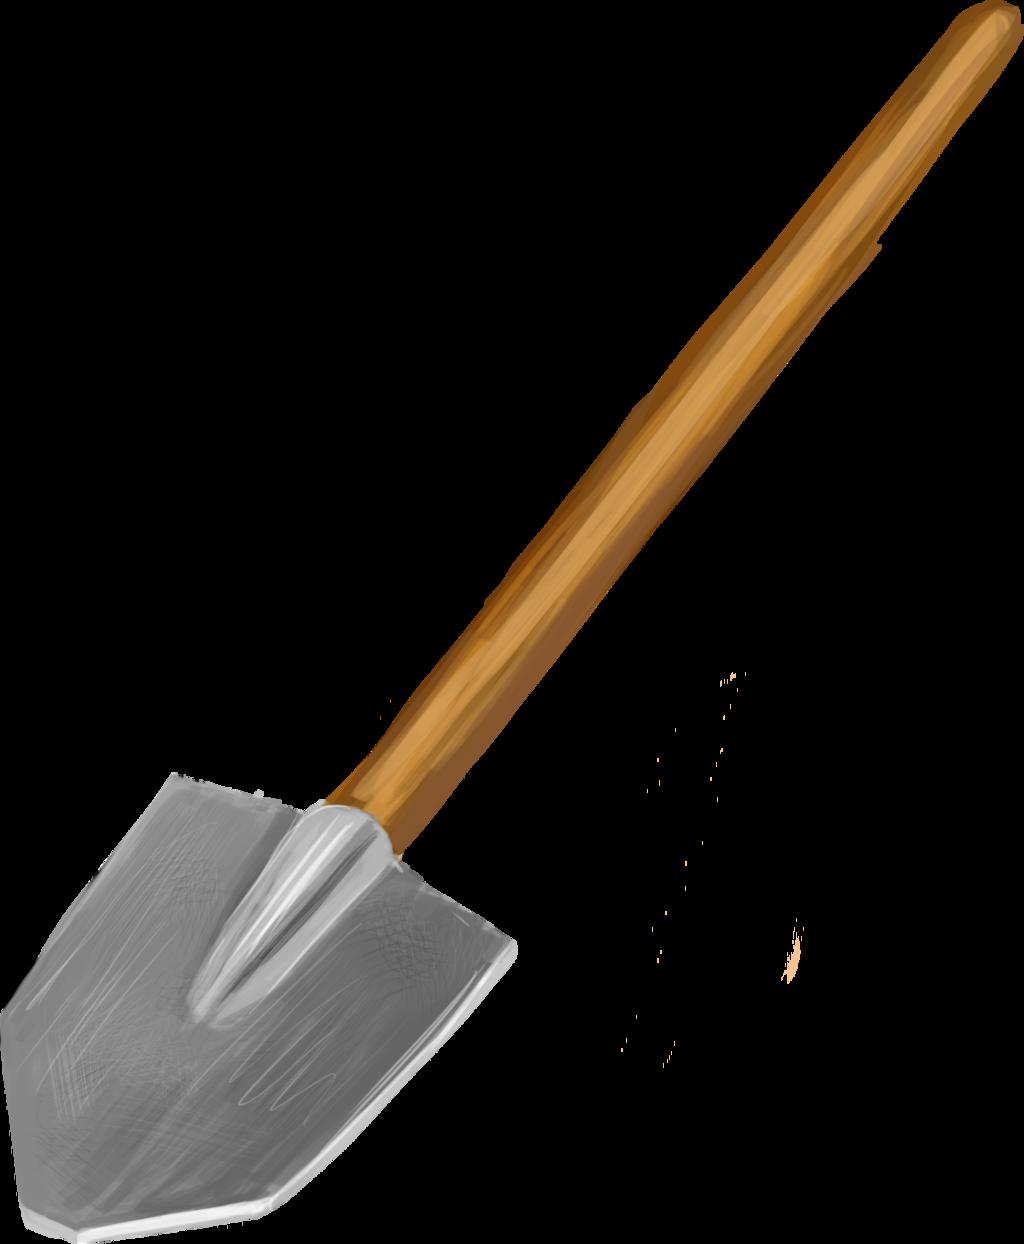 Shovel PNG images free download.